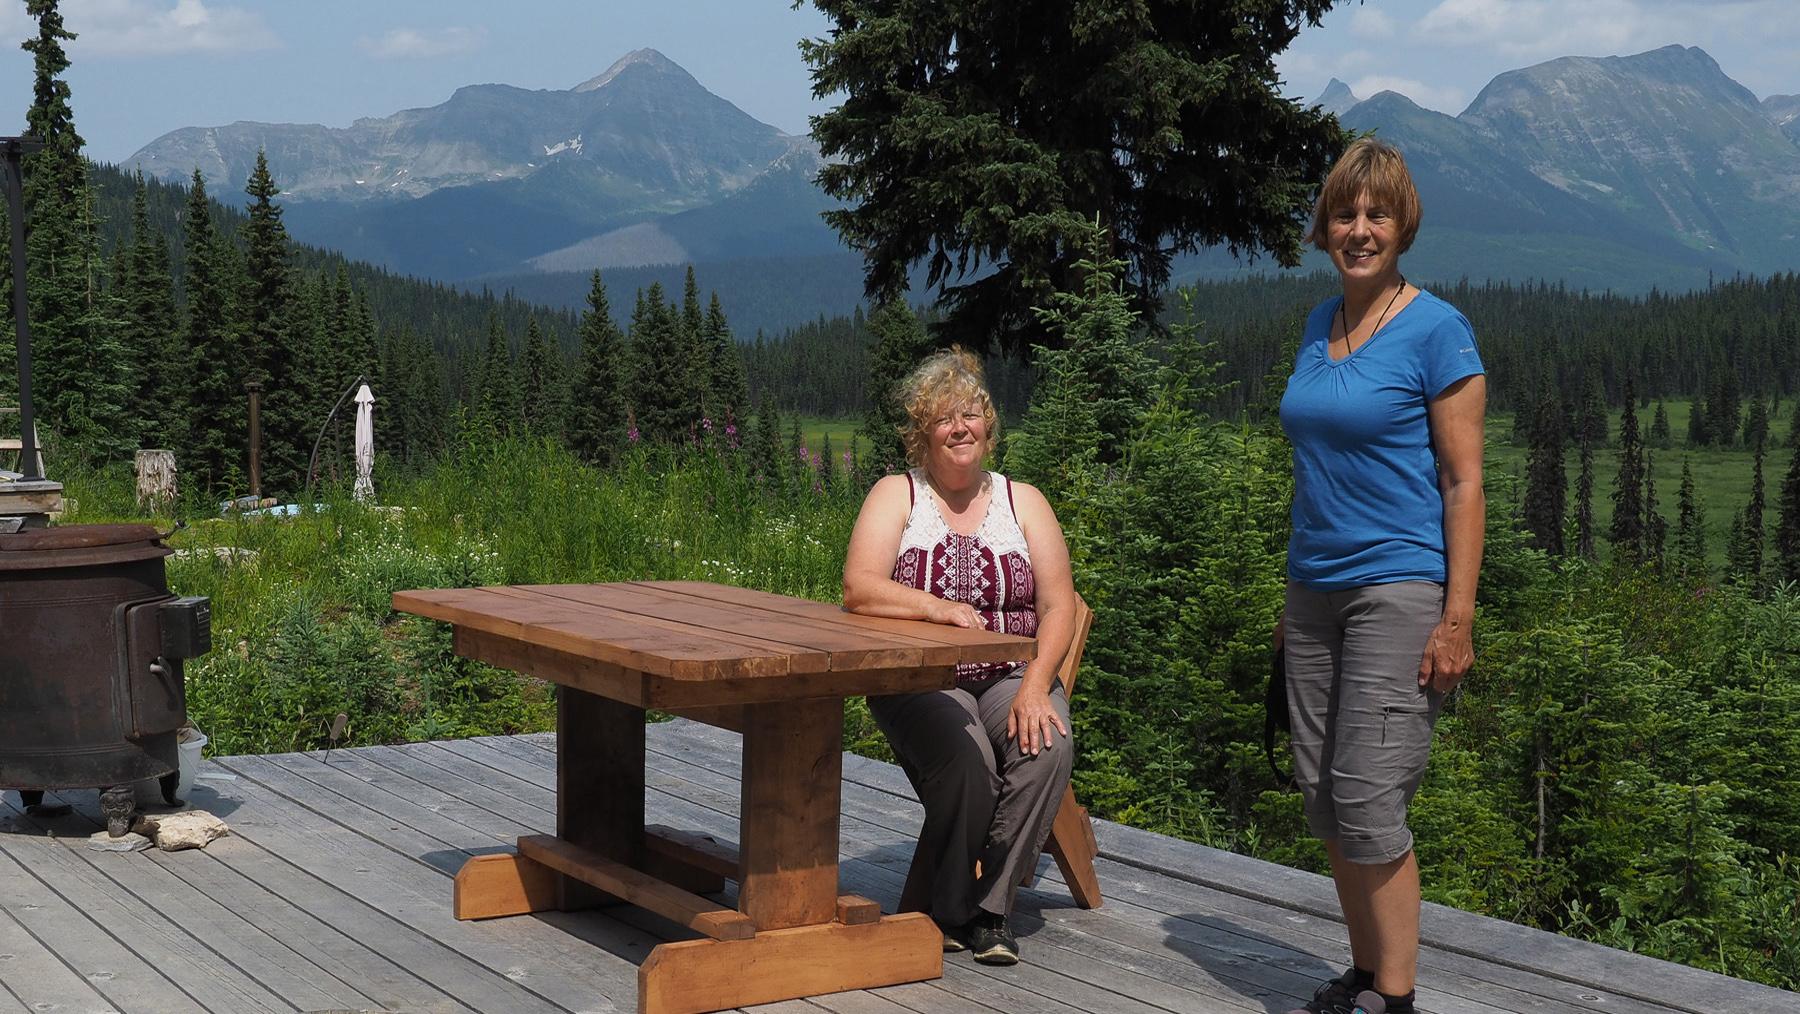 Wirtin Marie, Foto unbedingt mit ihren selbstgebauten Möbeln